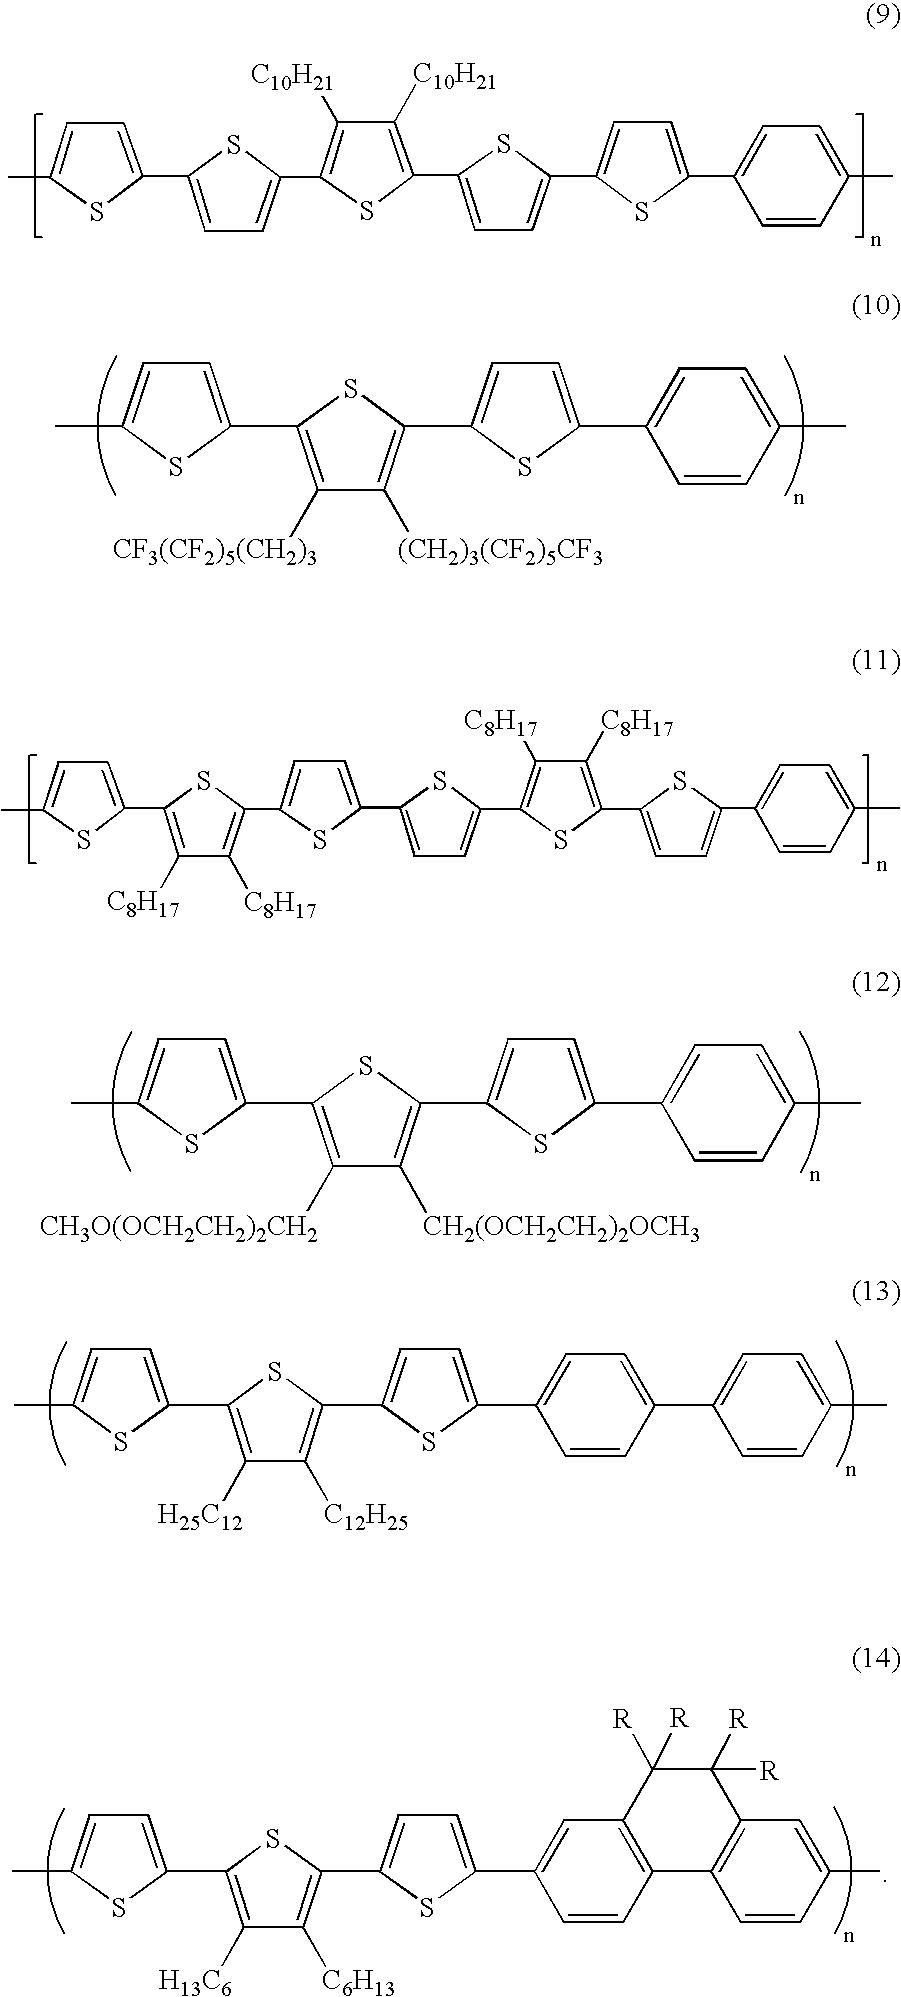 Figure US06777529-20040817-C00016